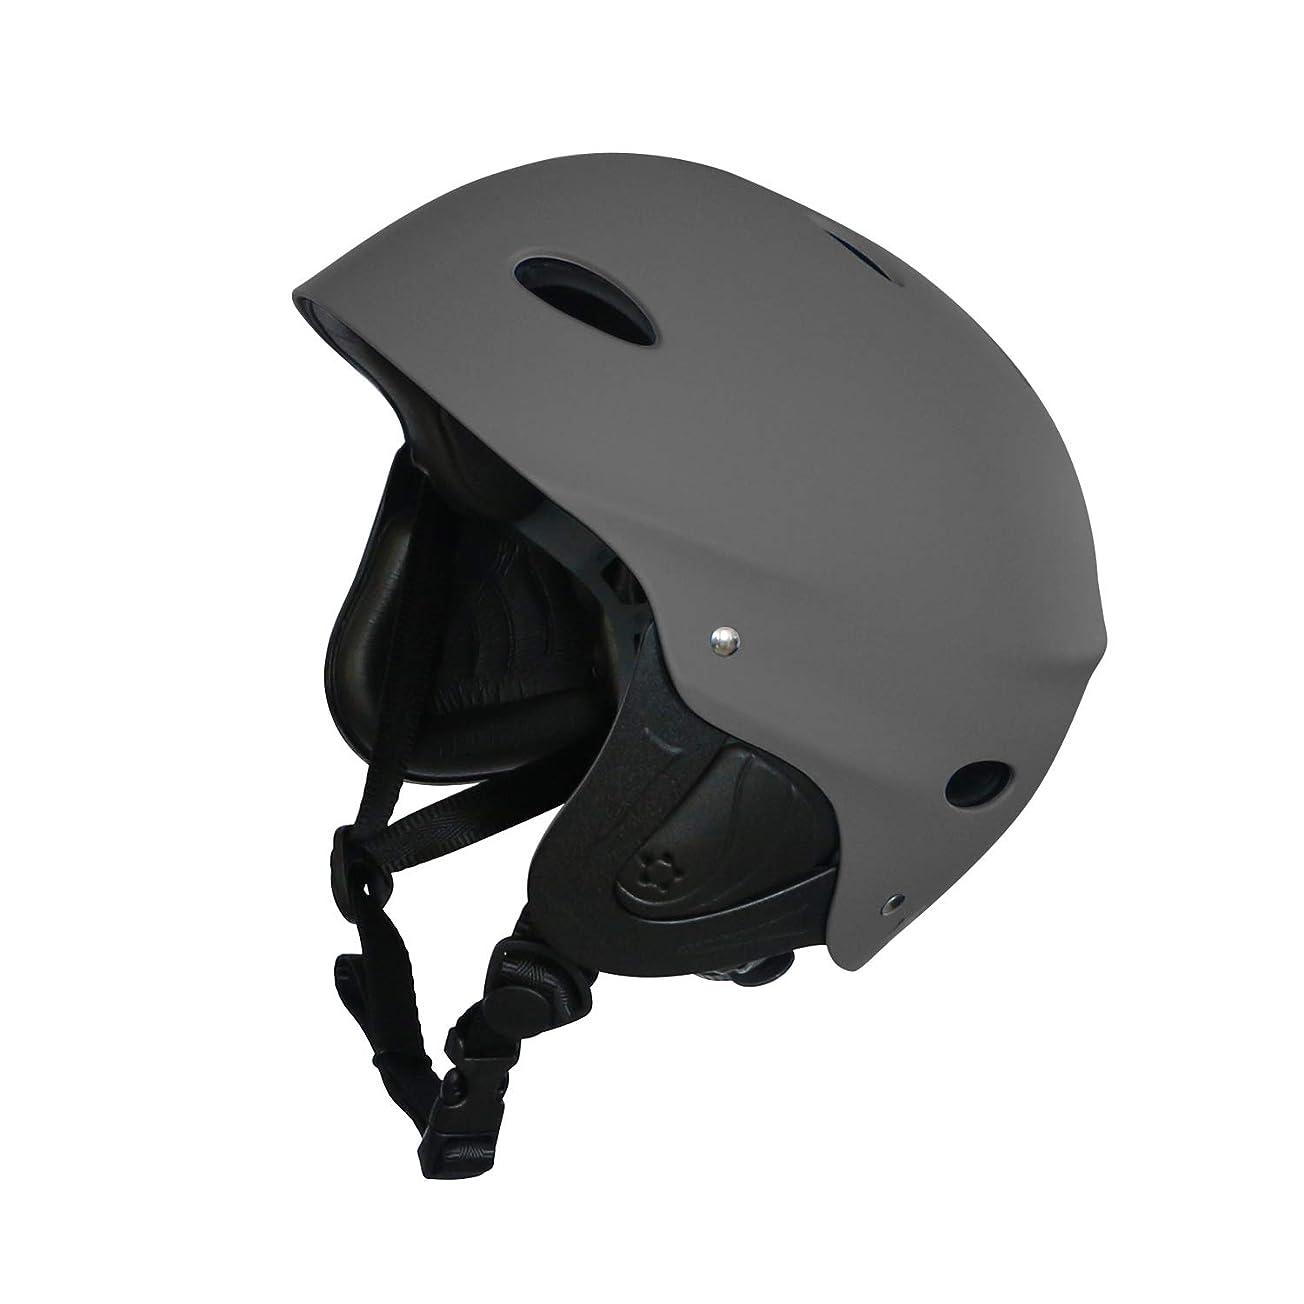 ヒットスパン使役Vihir スポーツヘルメット カヌー カヤック 登山 クライミング ウォータースポーツヘルメット安全保護 耐水仕様 男女兼用